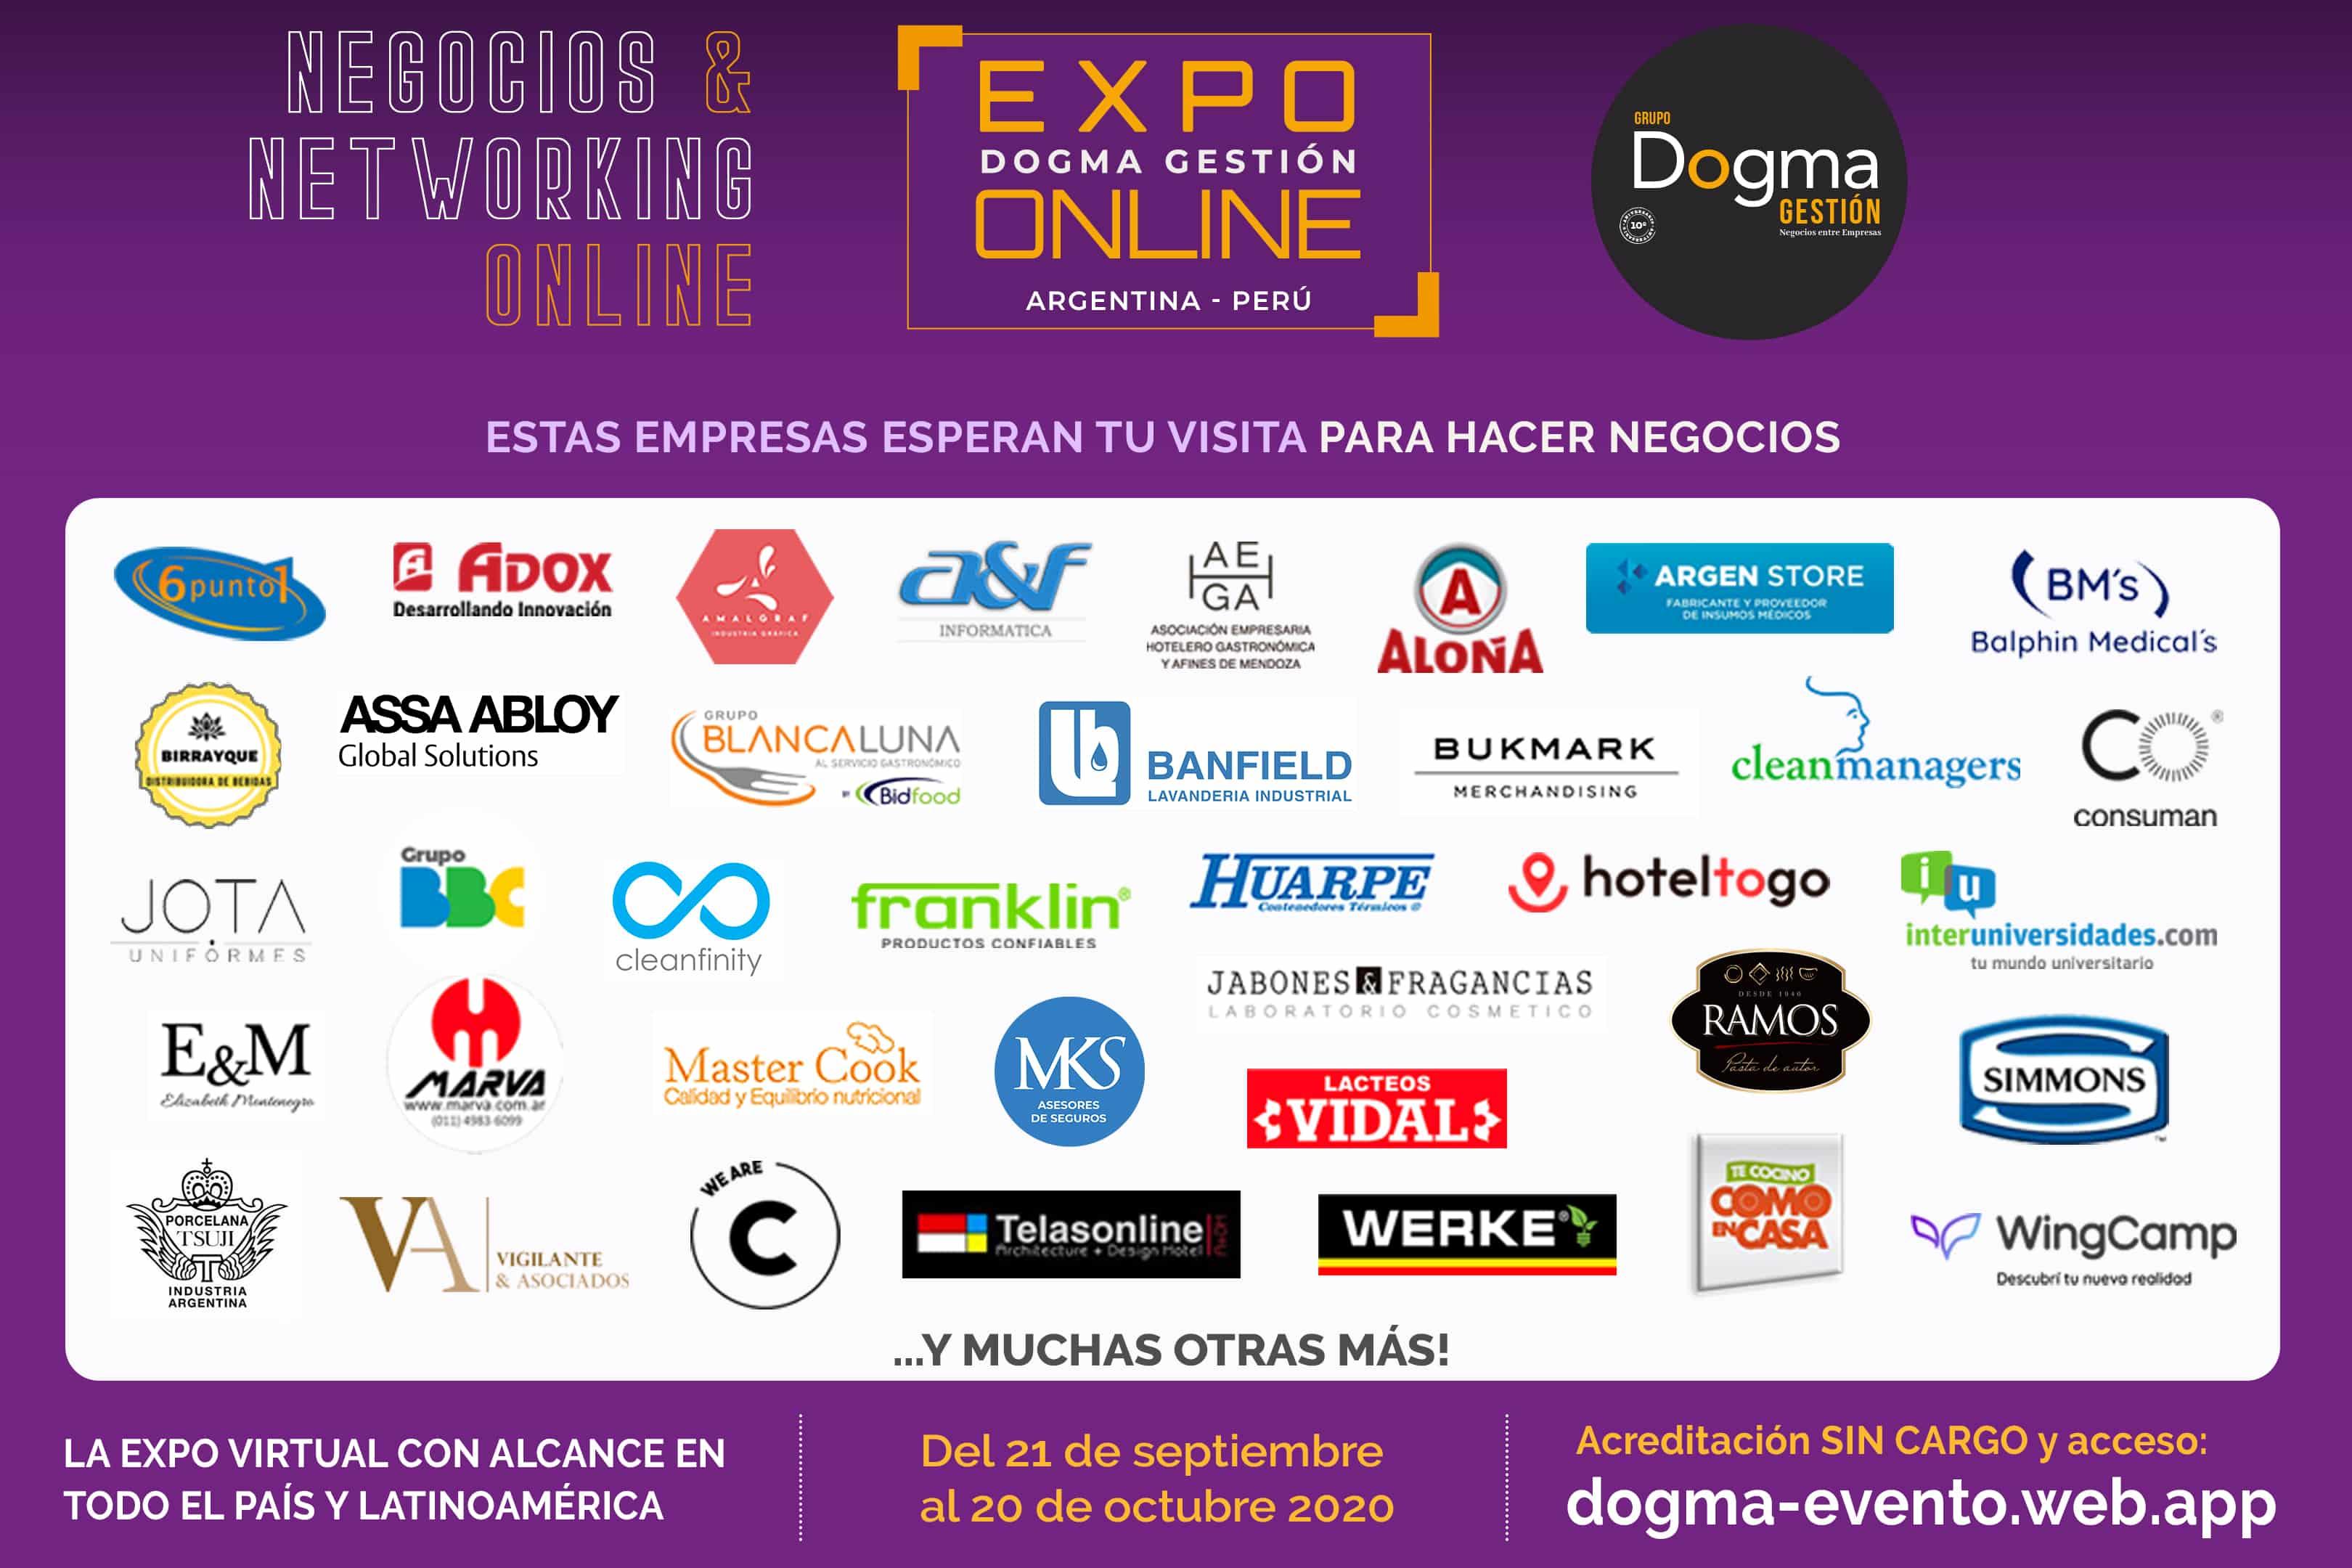 EXPO ONLINE Dogma Gestión -- Estas empresas te esperan para hacer negocios: